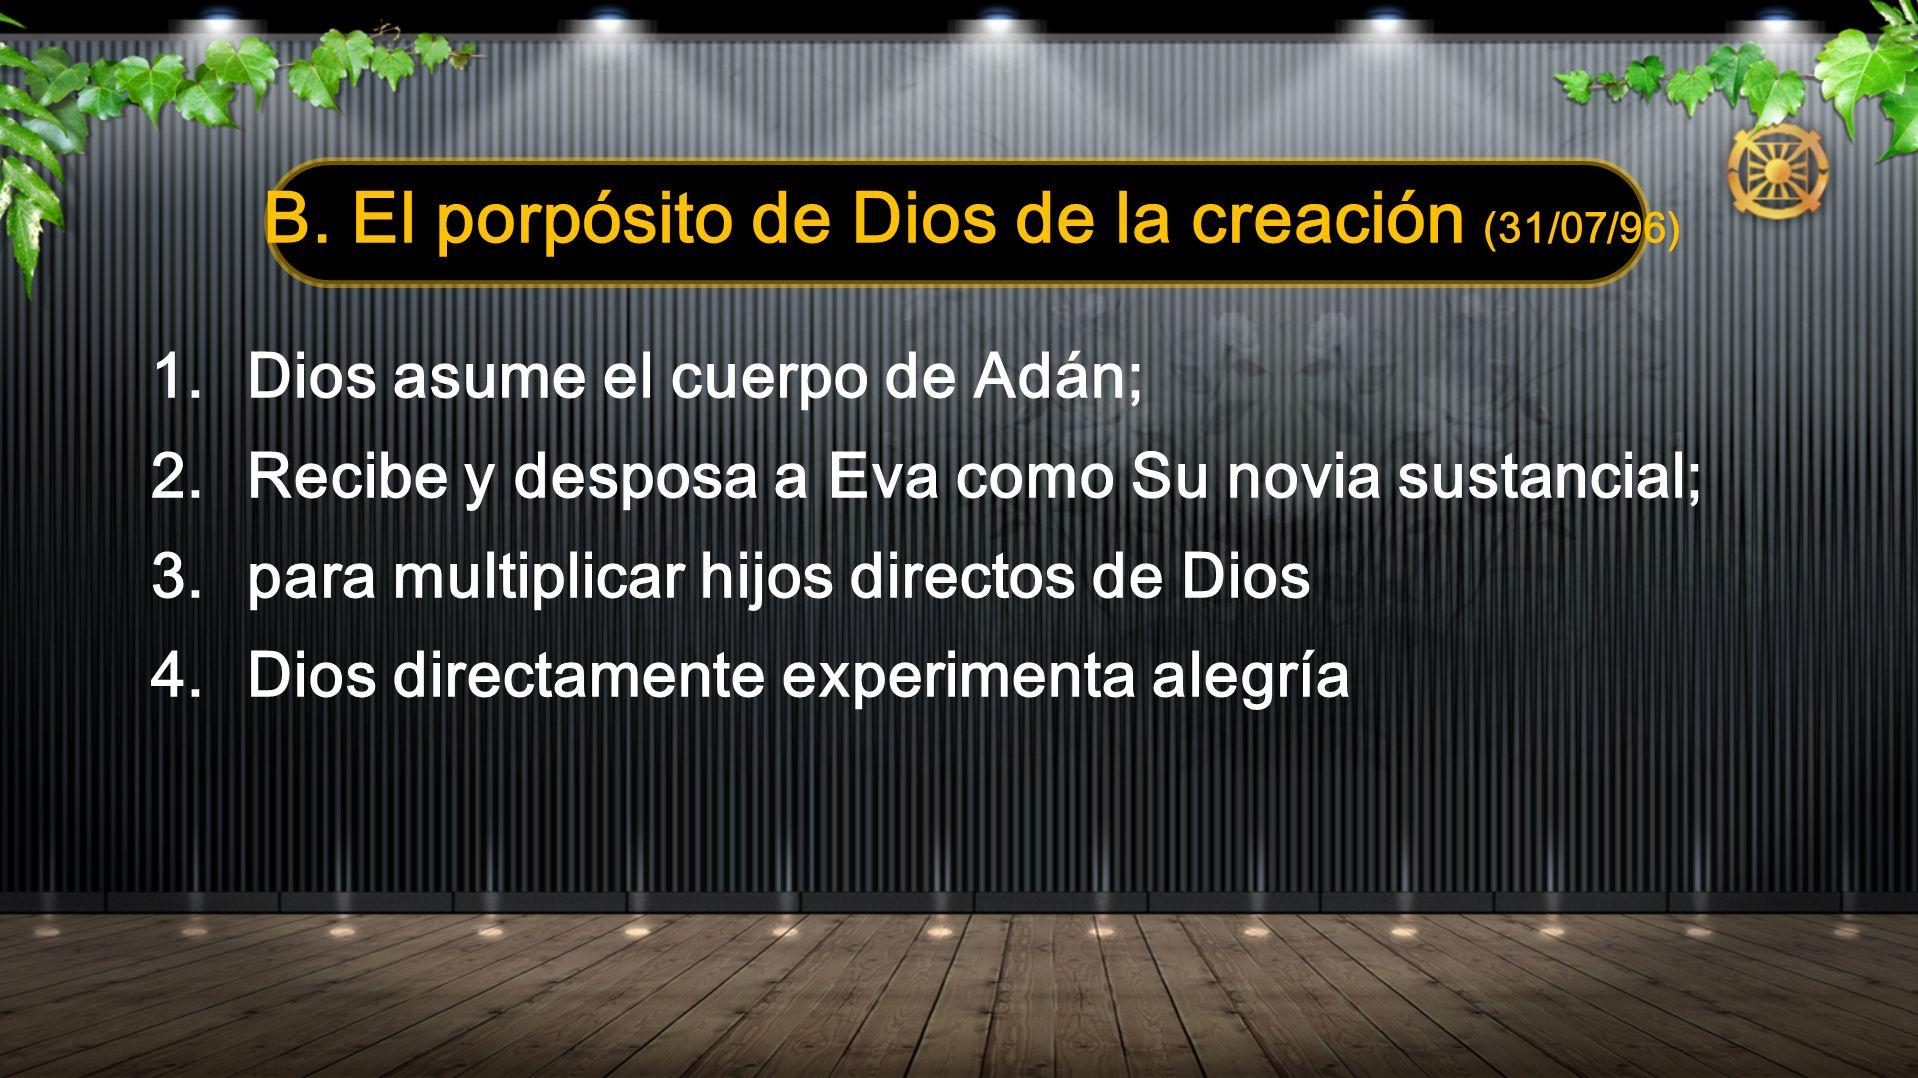 B. El porpósito de Dios de la creación (31/07/96)